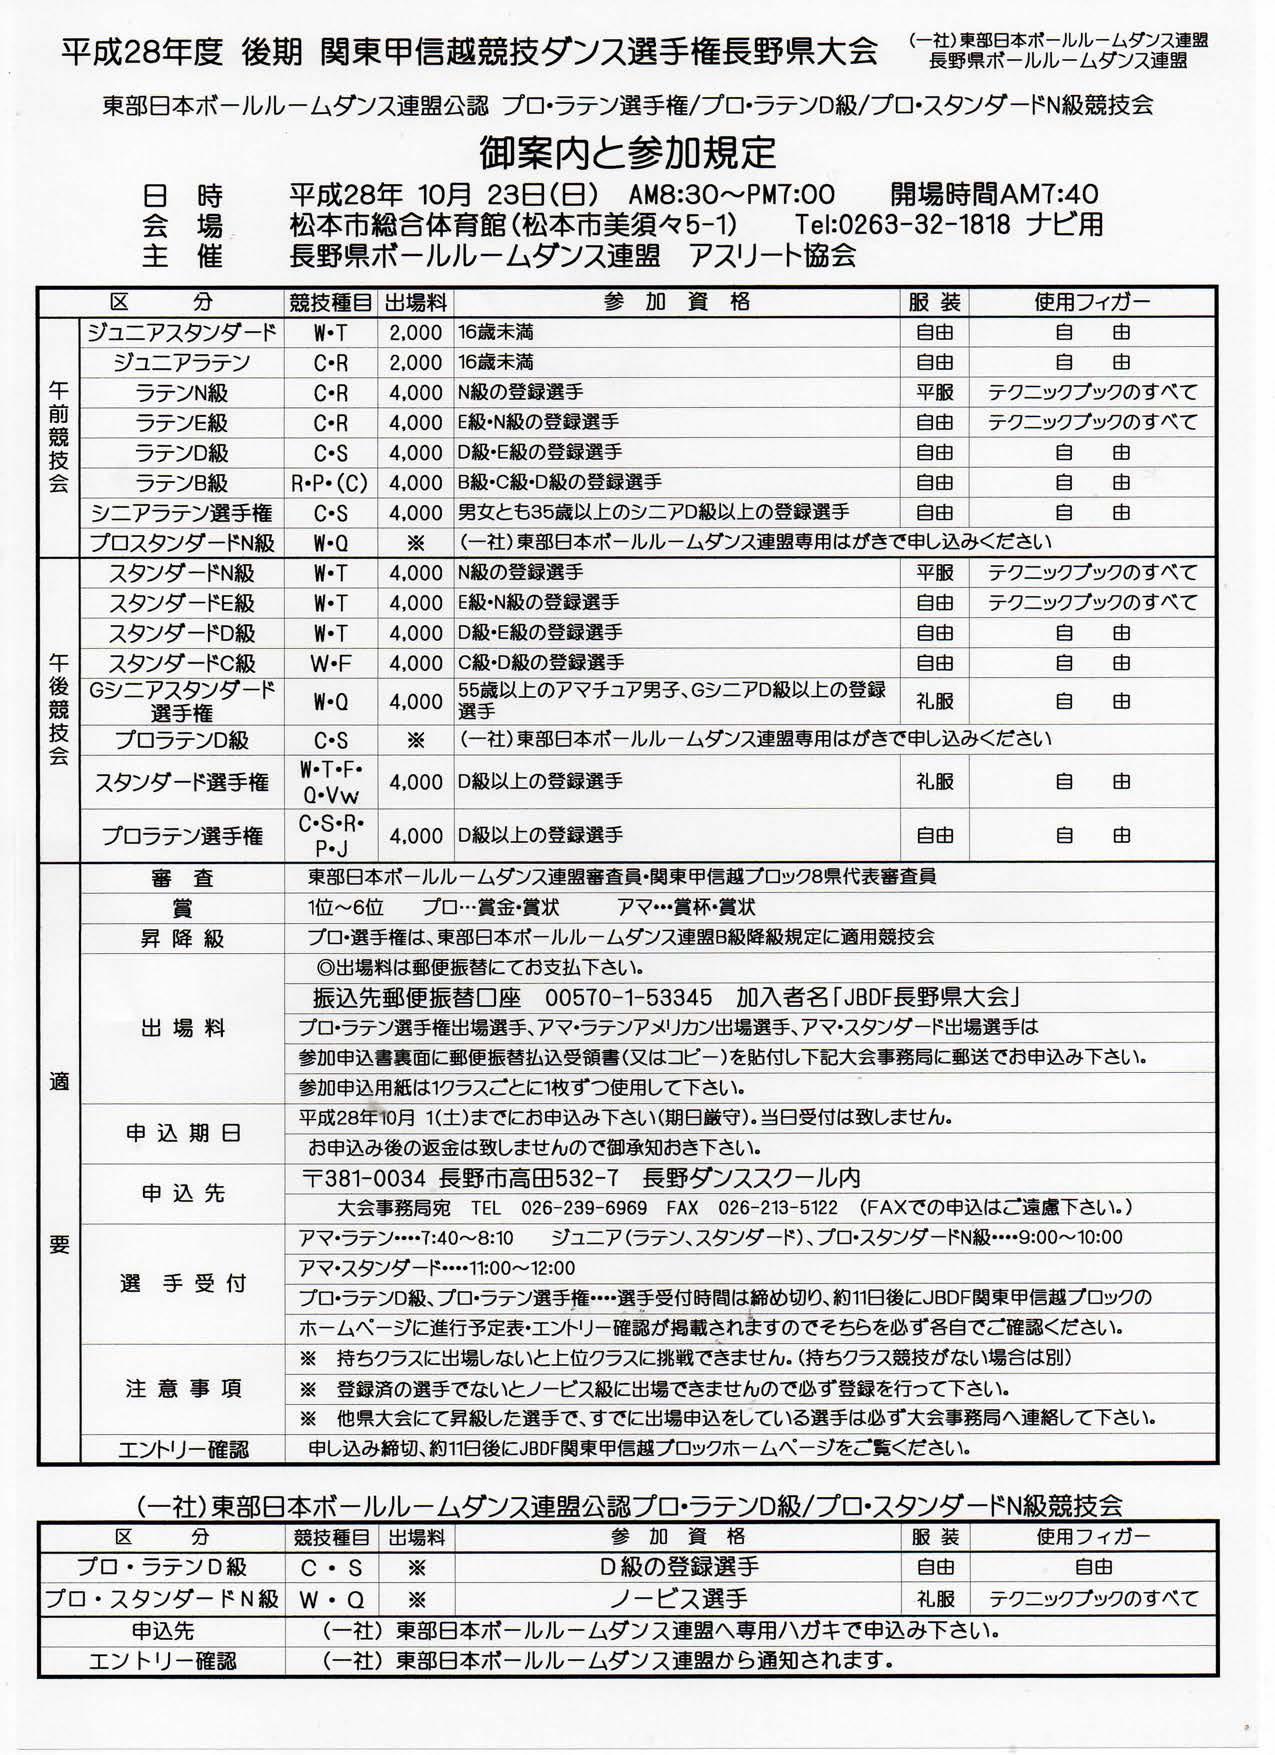 ダンス競技会|ダンススポーツ|長野県|JBDF関東甲信越|10月23日